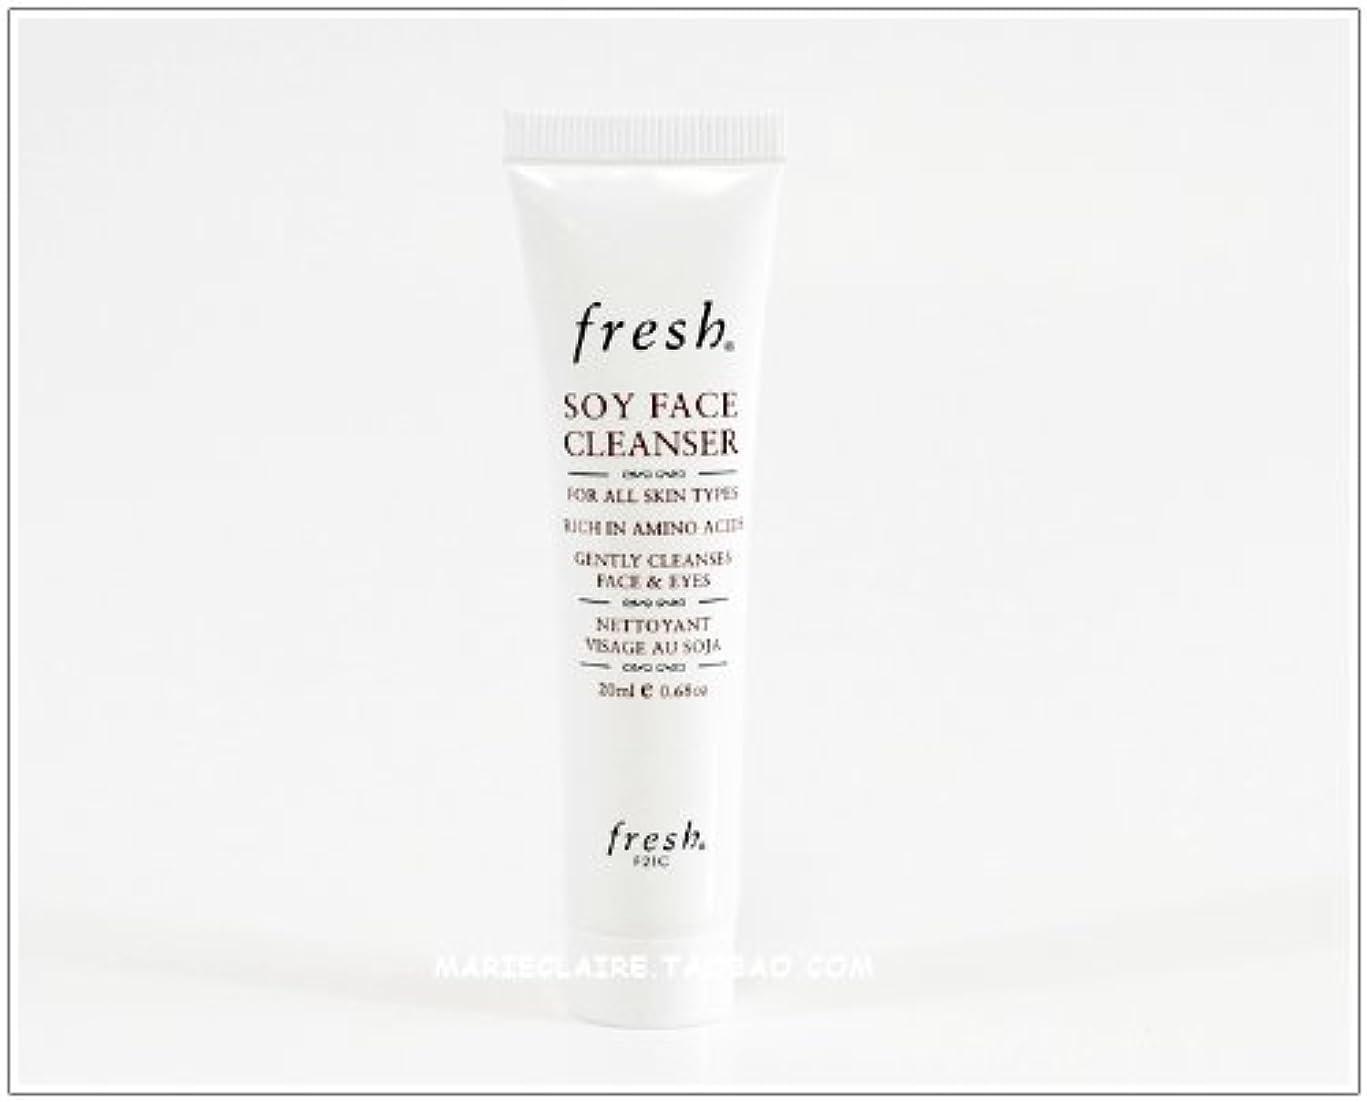 啓発するお茶立証するFresh SOY FACE CLEANSER (フレッシュ ソイ フェイス クレンザー) 0.6 oz (20ml) トラベルサイズ by Fresh for Women